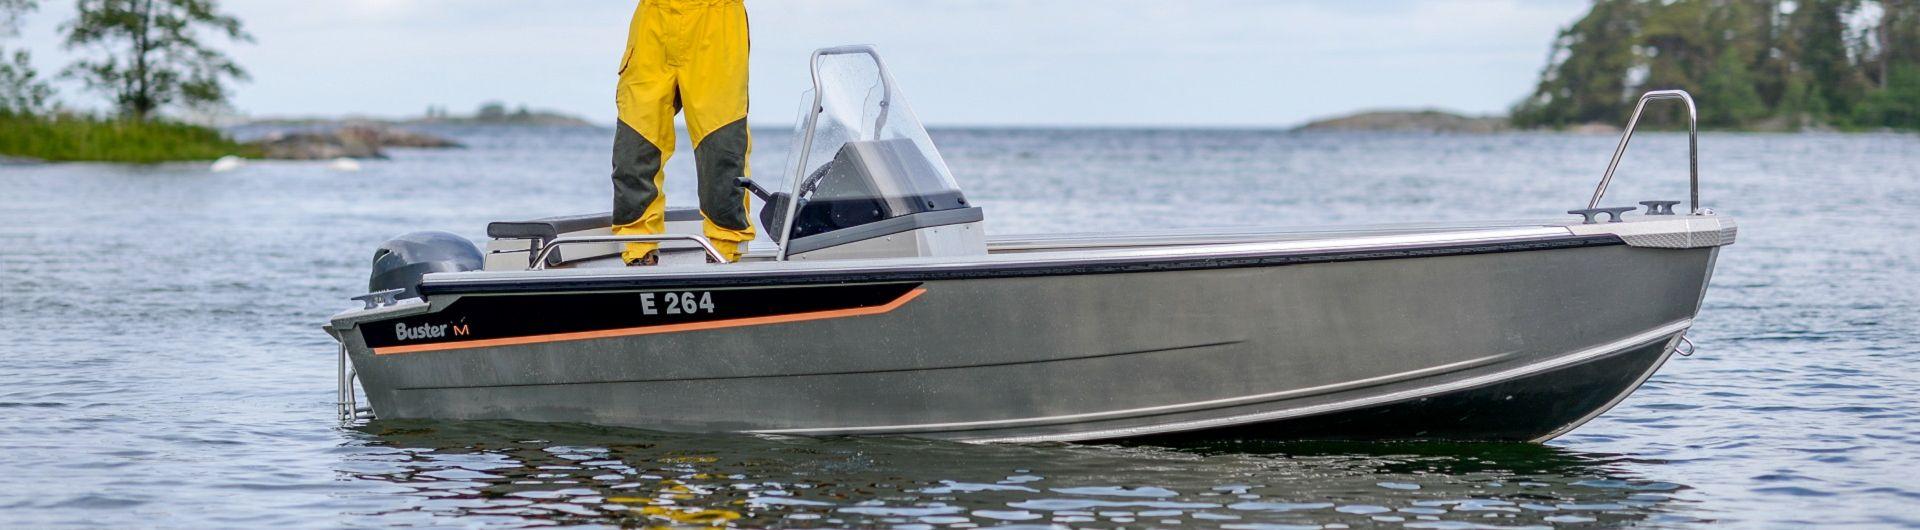 Aluminiumboot Buster M1 Header 1